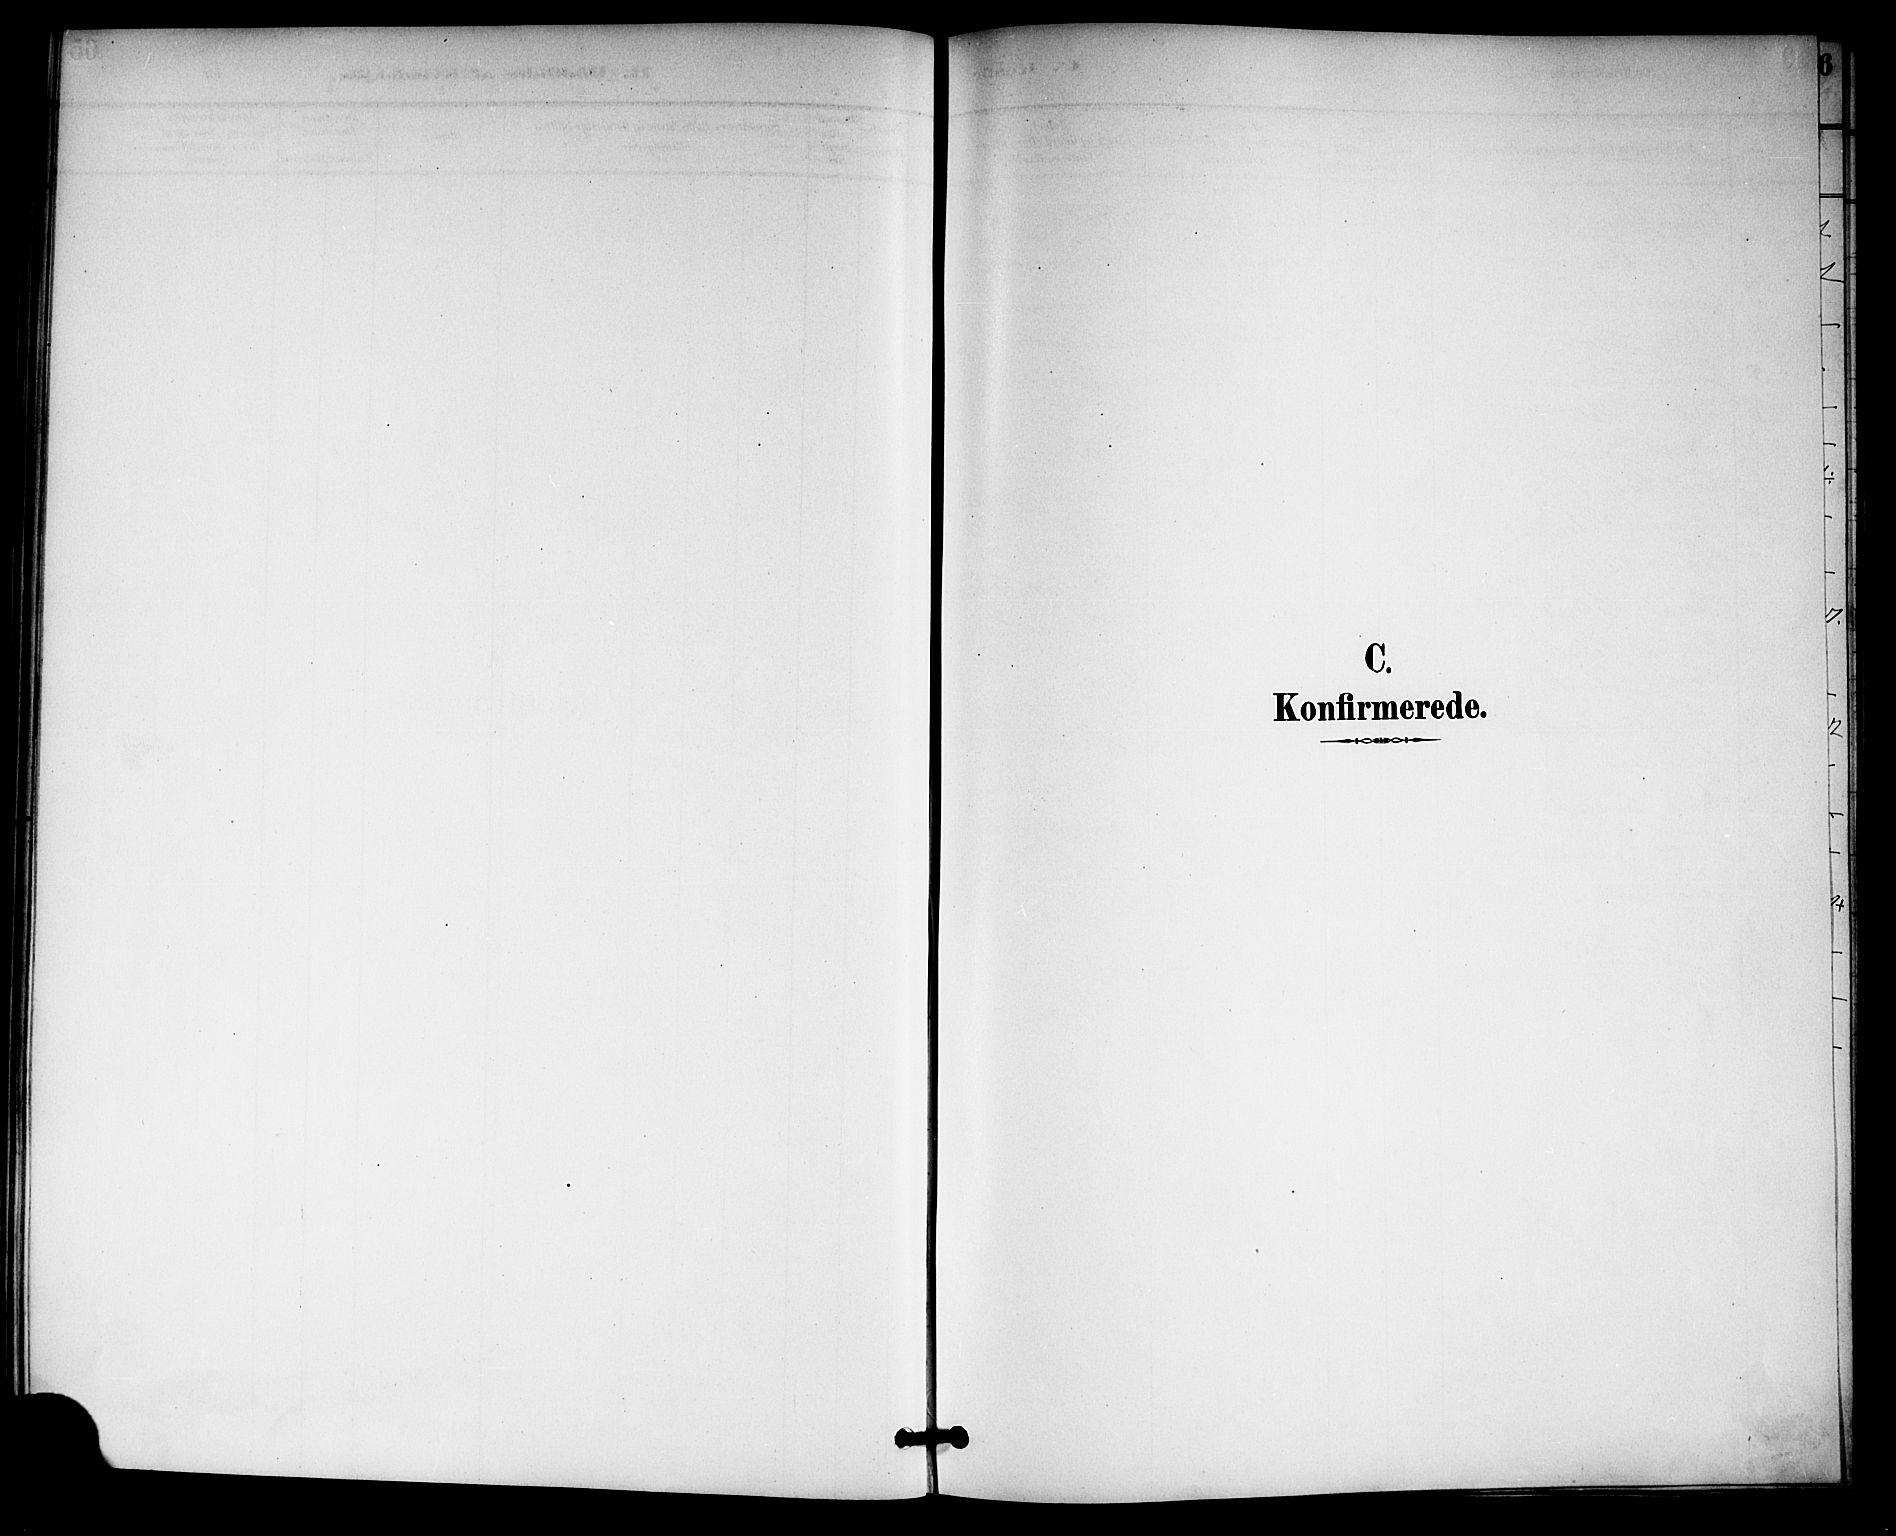 SAKO, Gransherad kirkebøker, G/Gb/L0003: Klokkerbok nr. II 3, 1887-1921